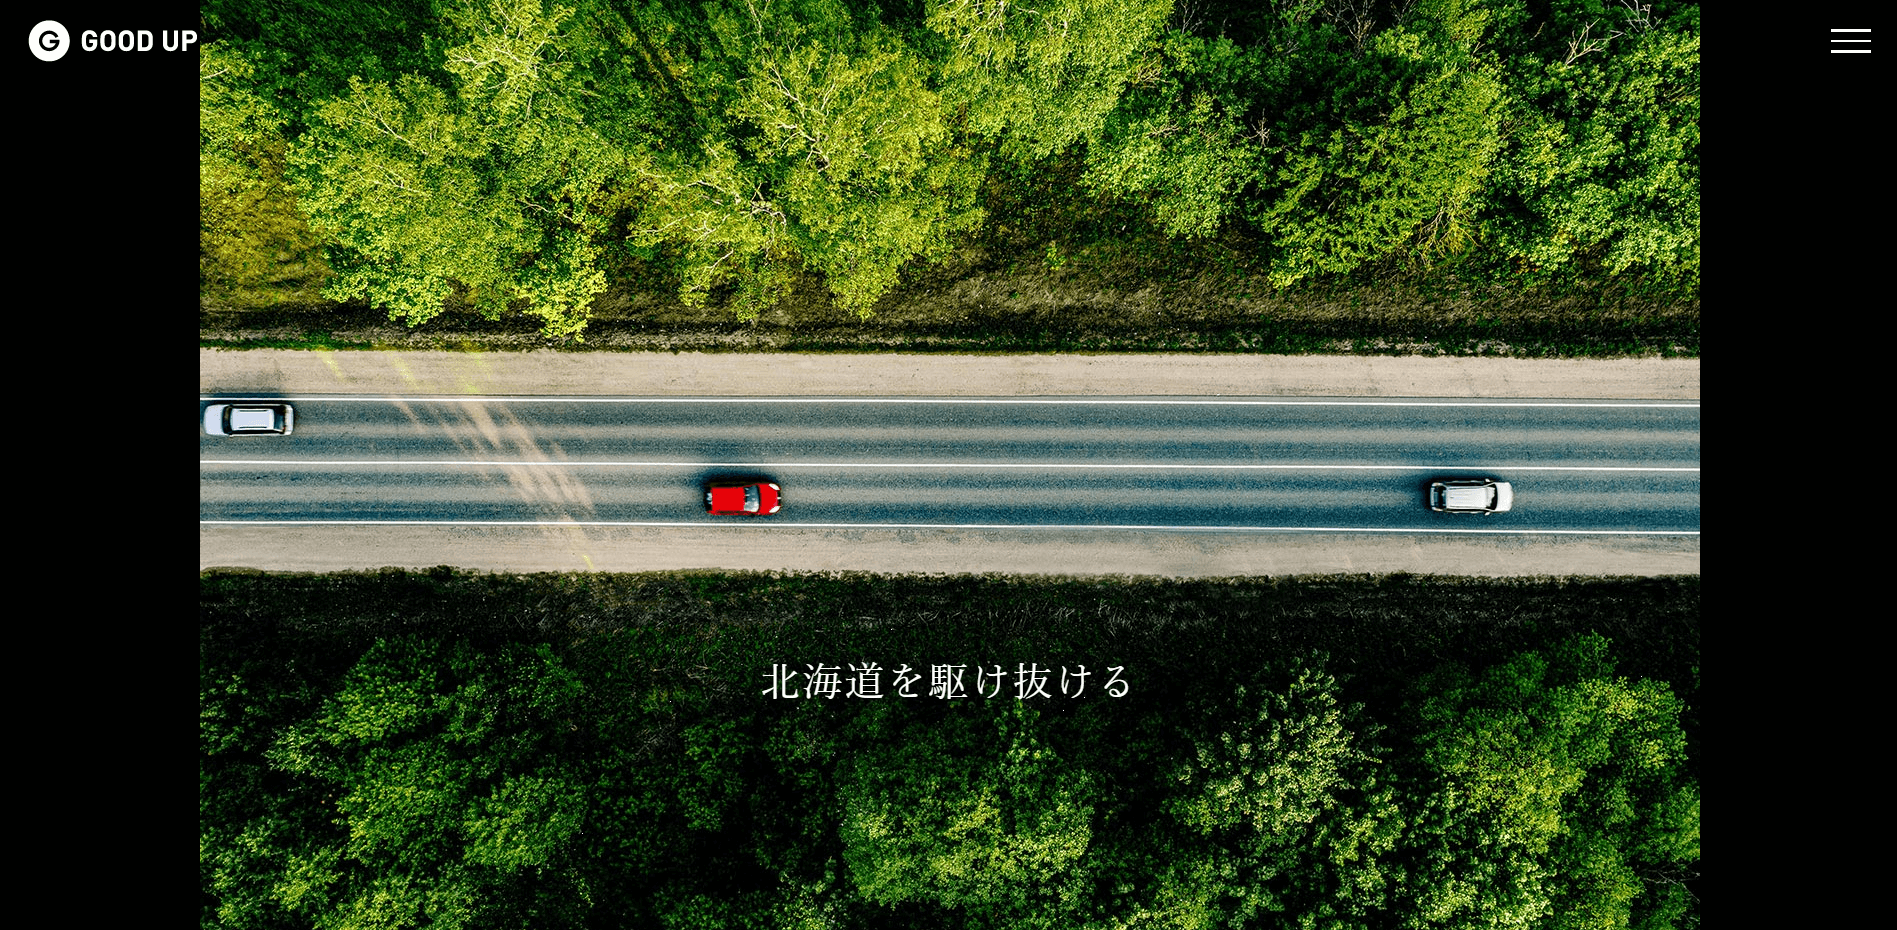 グッドアップ旭川店